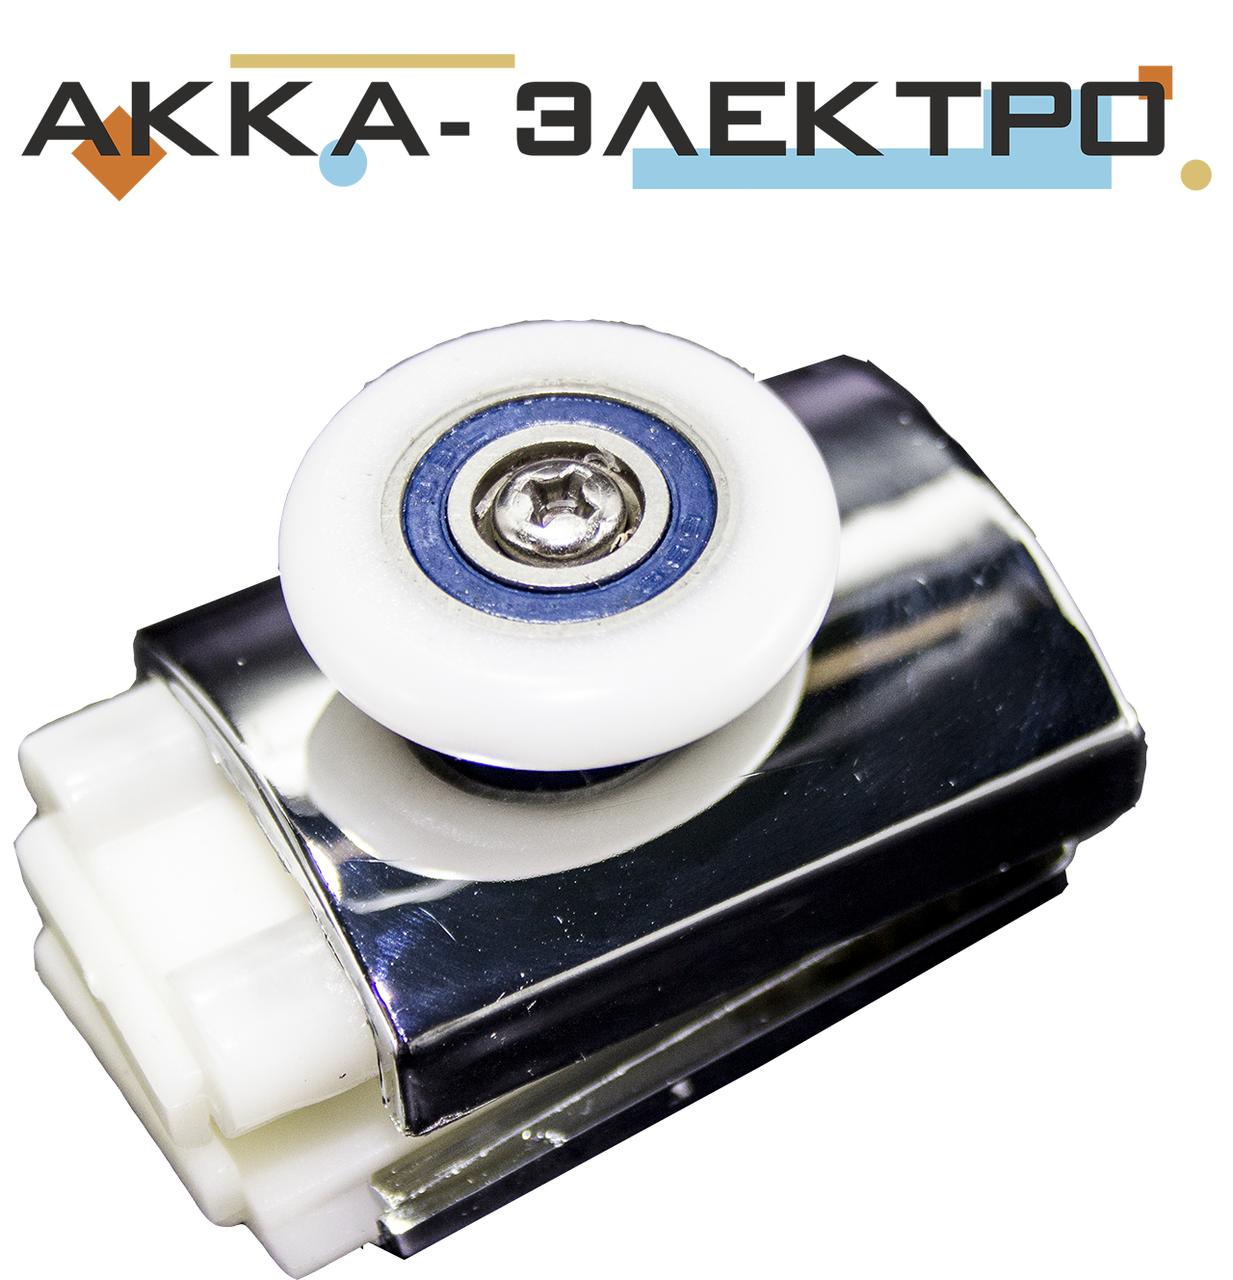 Ролик душевой кабины хромированный, одинарный, нажимной ( М01A )  22 мм